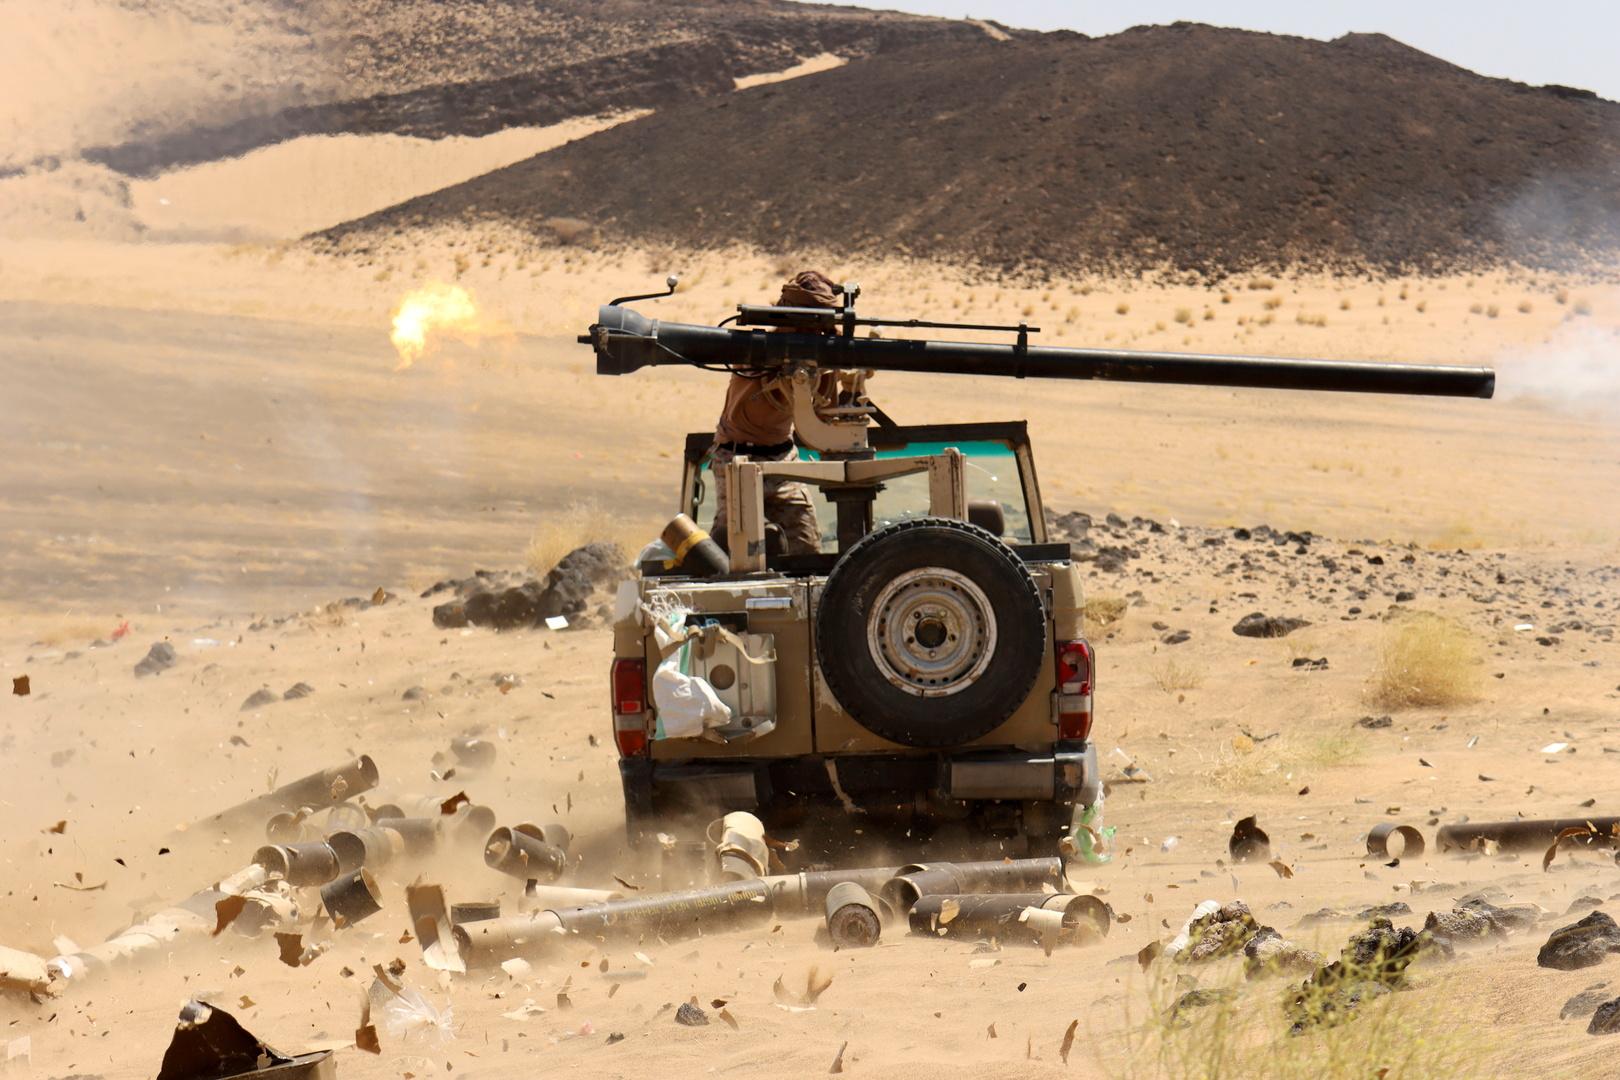 وزير الإعلام اليمني يعلن تحرير مديرية الزاهر بالكامل بعد معارك ضارية